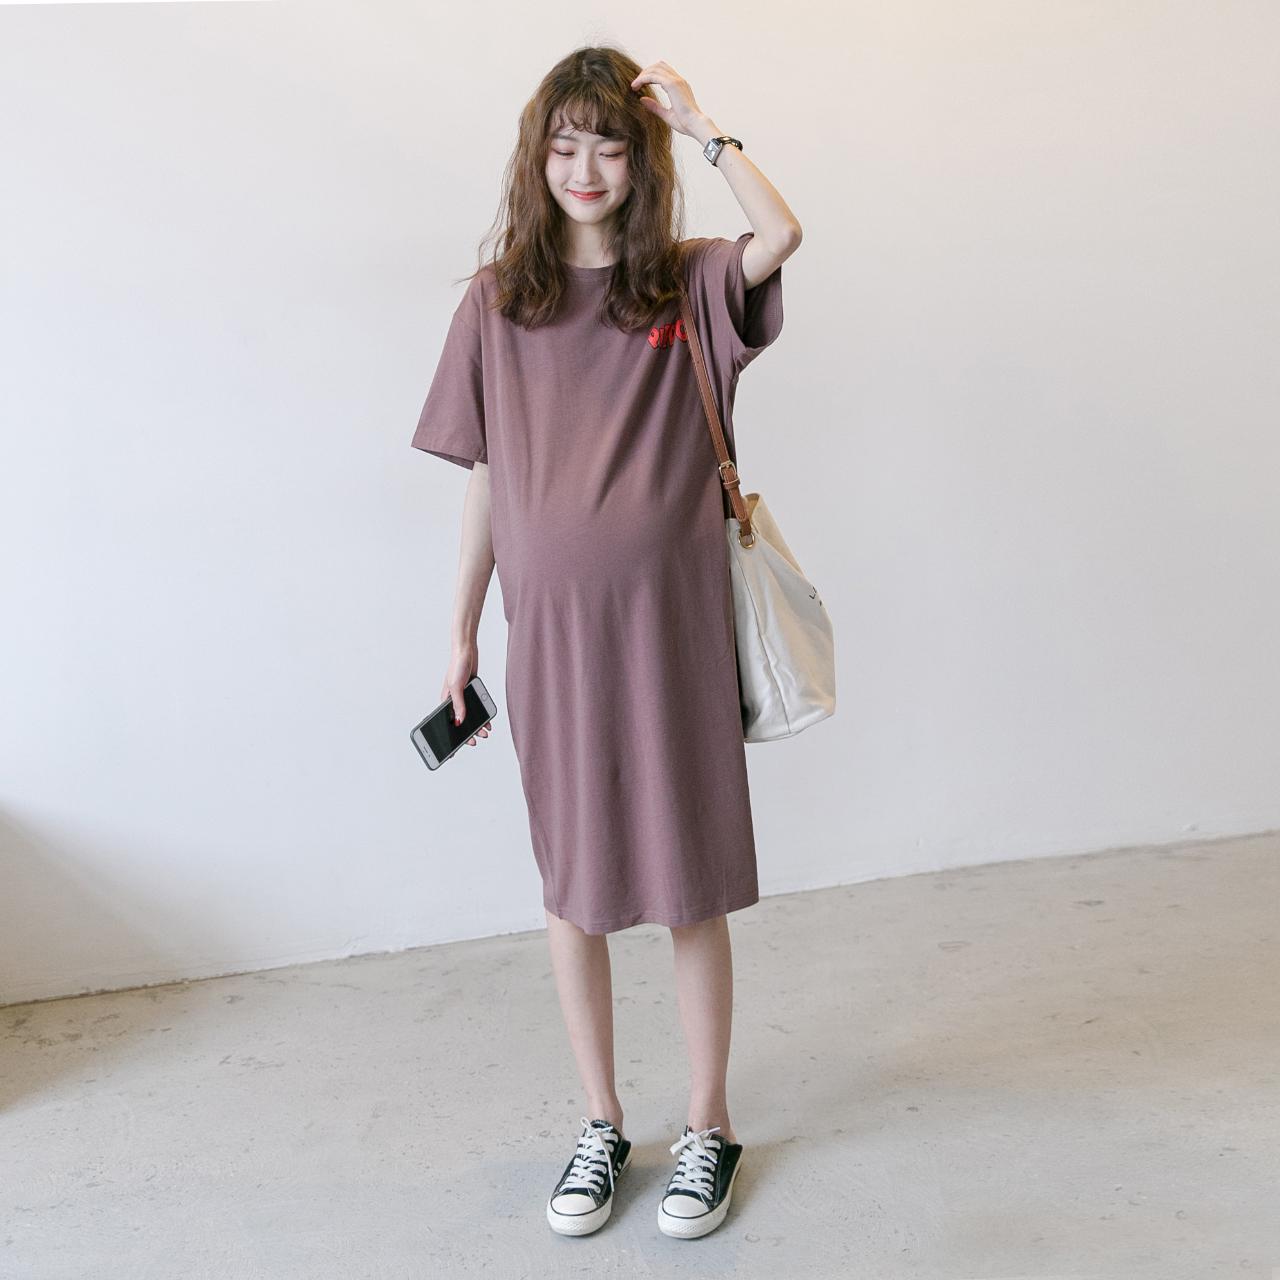 孕妇T恤夏装时尚大码短袖韩版连衣裙宽松休闲中长款纯棉打底潮妈